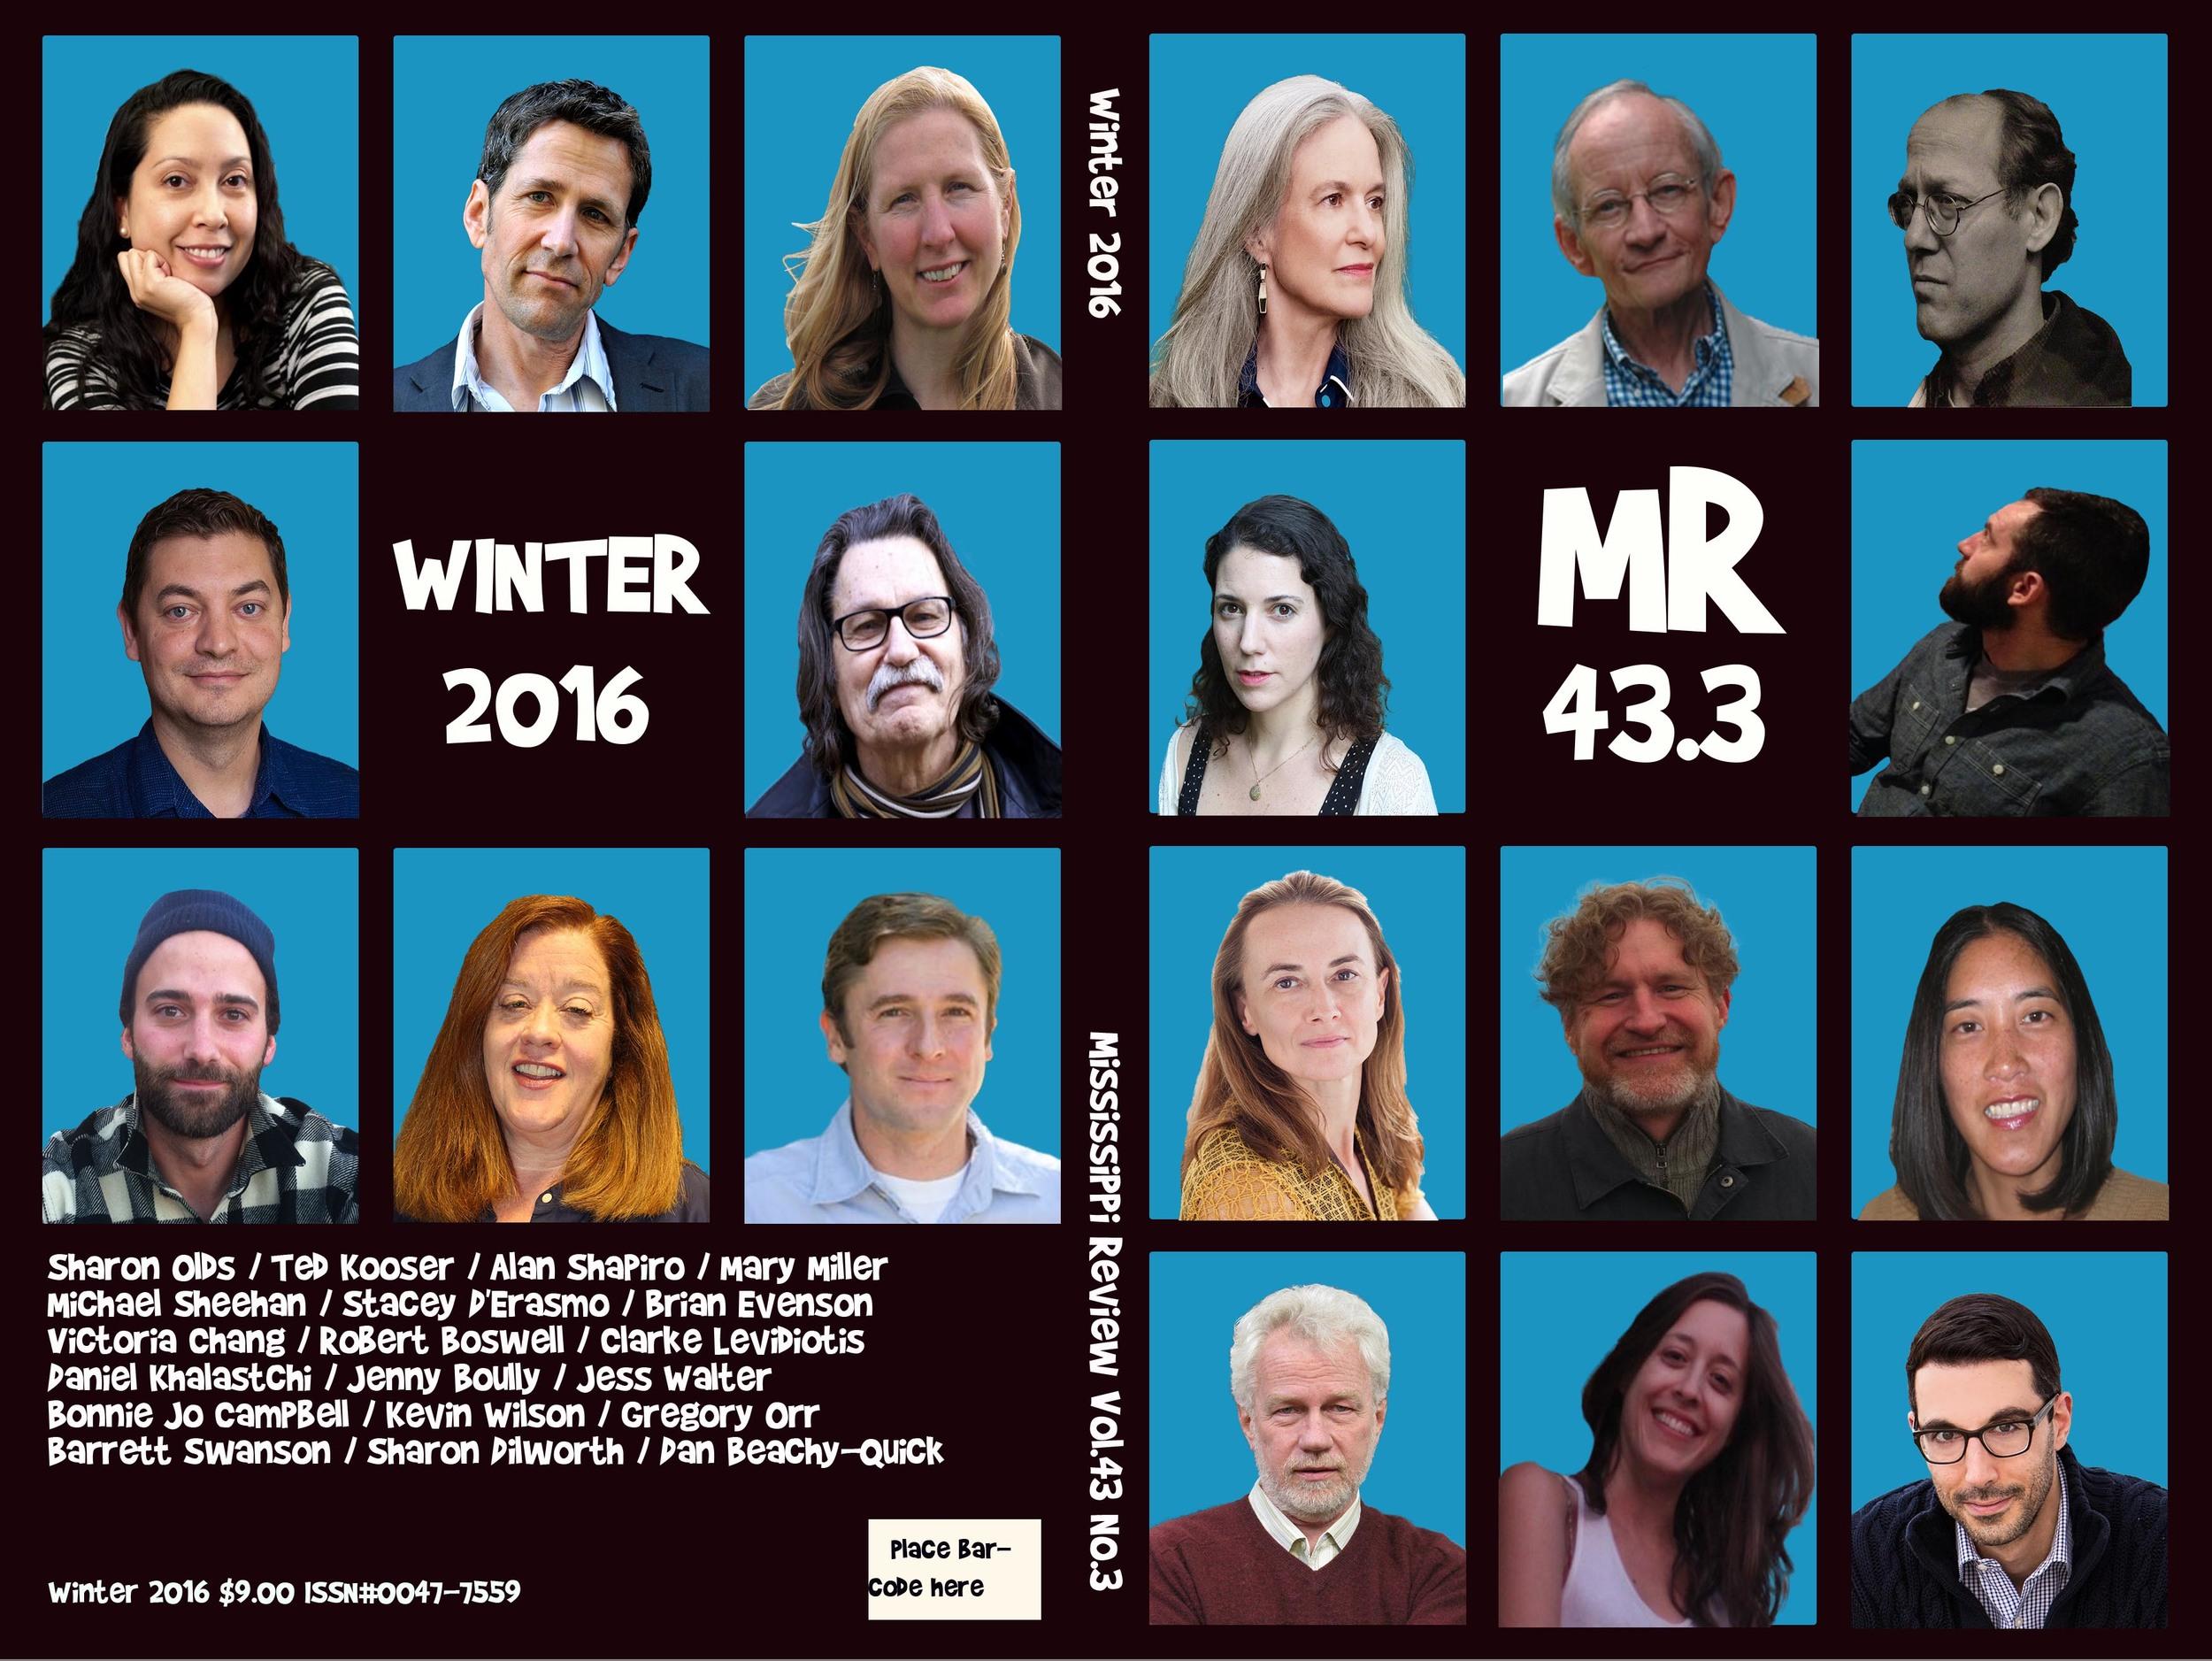 MR43.3.cover.final#5.jpg